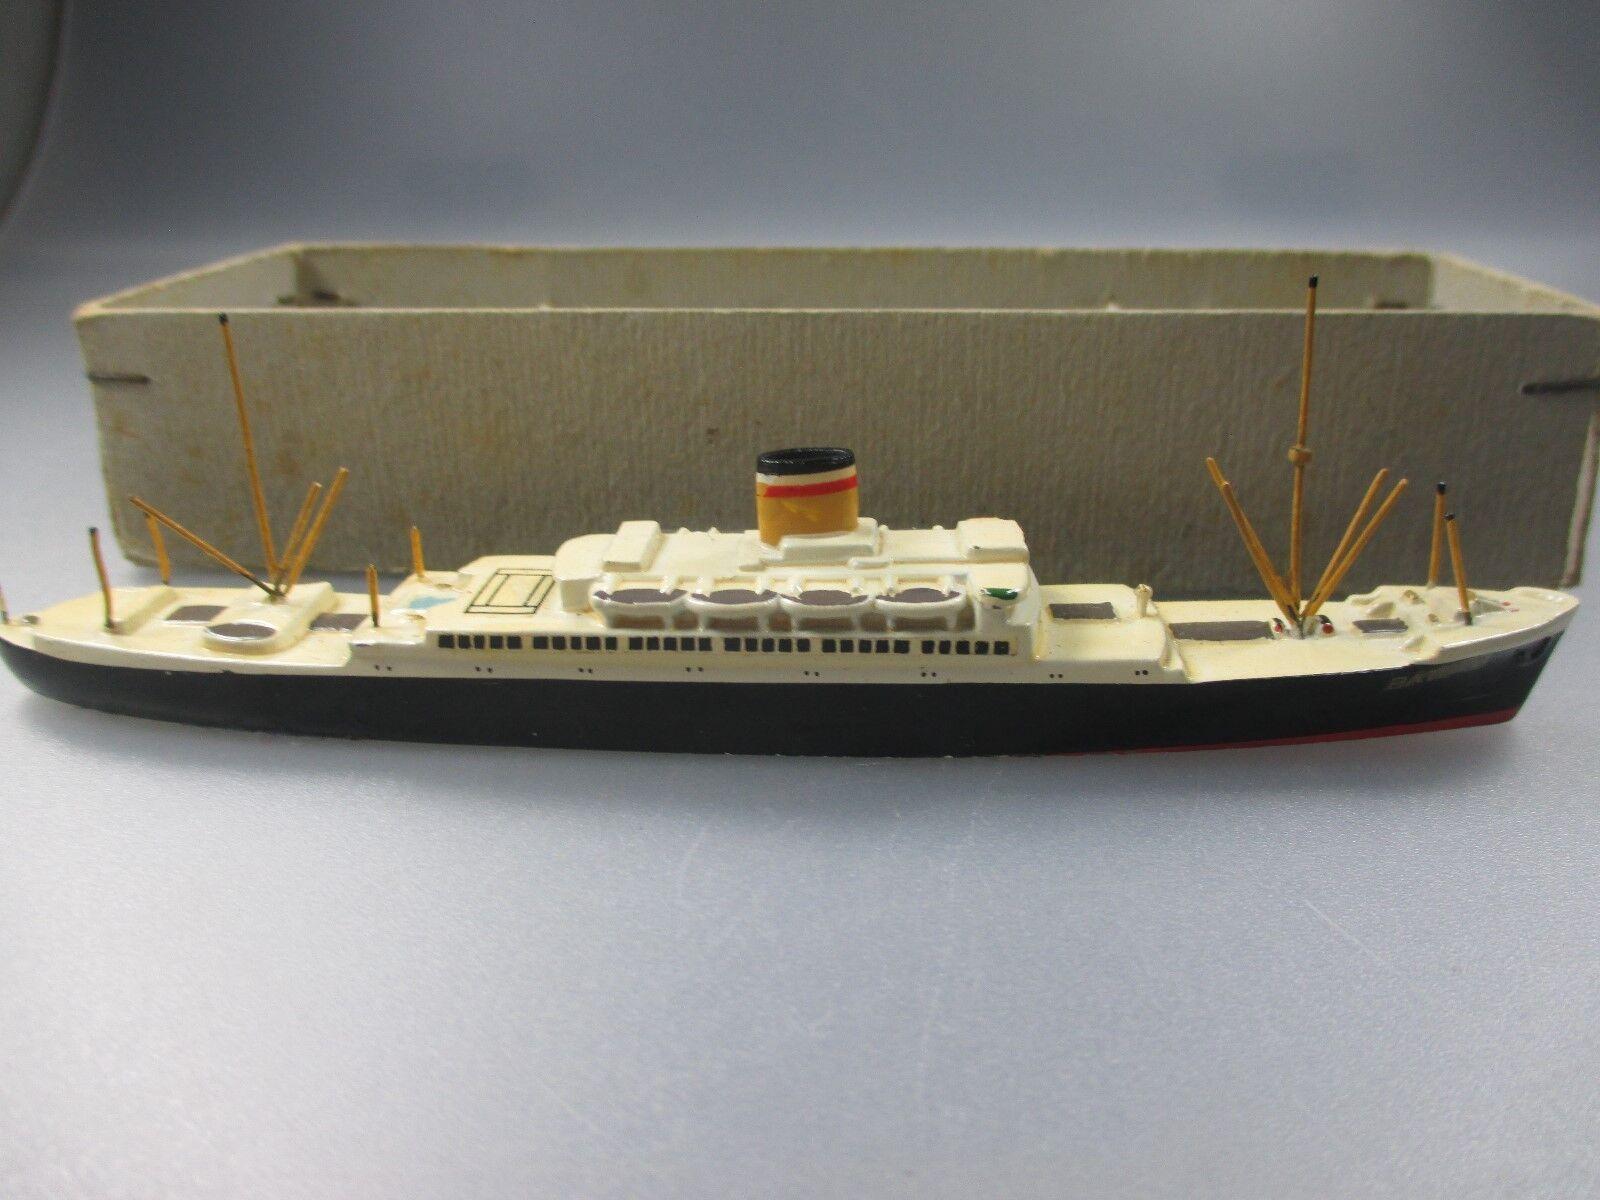 distribución global Wiking Wiking Wiking  buque  Patria , AZb oros, en oct (nº 18 nh0)  precios al por mayor